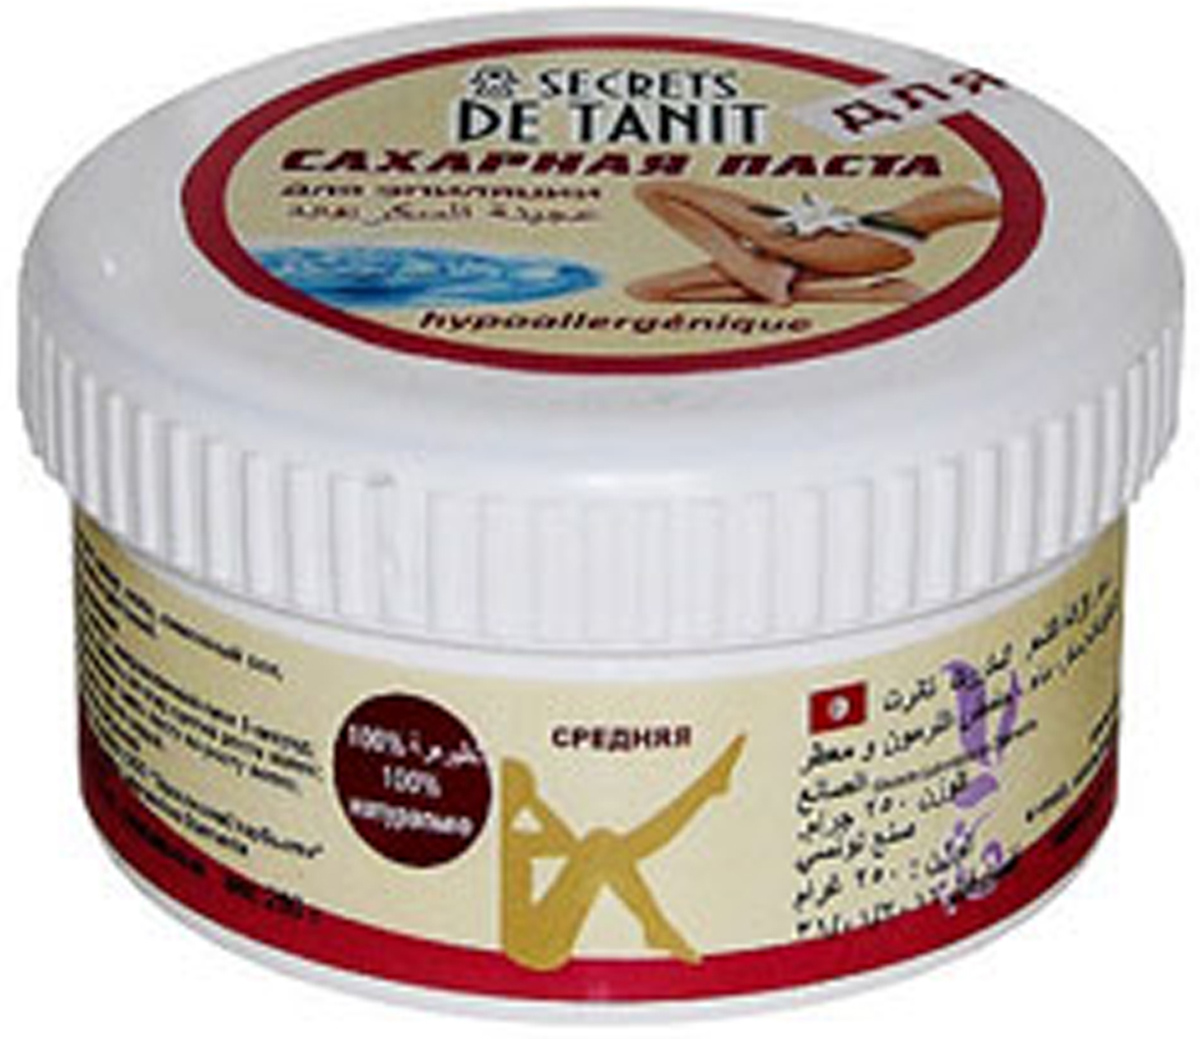 Secrets de Tanit Сахарная паста для эпиляции, гипоаллергенная, 250 г00000000059100% натуральное средство для удаления волос со всех участков тела. Гипоаллергенно! Средняя консистенция.Преимущества шугаринга:1. Паста наносится против роста волоса, снимается по росту (тем самым волос не обламывается, а вырывается с корнем, что предотвращает врастание волоса);2. Температура пасты при нанесении равна температуре тела, что исключает гипертермию кожи, что позволяет наносить ее на самые чувствительные зоны;3. Волос удаляется минимальной длины (от 3 мм);4. Разная плотность паст позволяет удалять волос от пушкового до забритого жесткого;5. Деликатное мануальное воздействие способствует вместе с удалением волоса проводить деликатный пилинг - удаление мертвых клеток, что делает кожу гладкой и шелковистой;6. Минимальные дискомфортные ощущения во время процедуры позволяют проводить ее беременным женщинам и людям с расширенной сосудистой сеткой на ногах.7. Остатки пасты смываются водой, так как сахарная паста водорастворима.8. В состав пасты входят вода, сахар, лимонный сок, что свидетельствуето натуральностисостава.9. Шугаринг- это безопасная и гигиеничная процедура так как паста не вызывает аллергии, не используется вторично, не противопоказана даже людям, страдающим диабетом. Высокая концентрация сахара препятствует появлению бактерий. Товар сертифицирован.